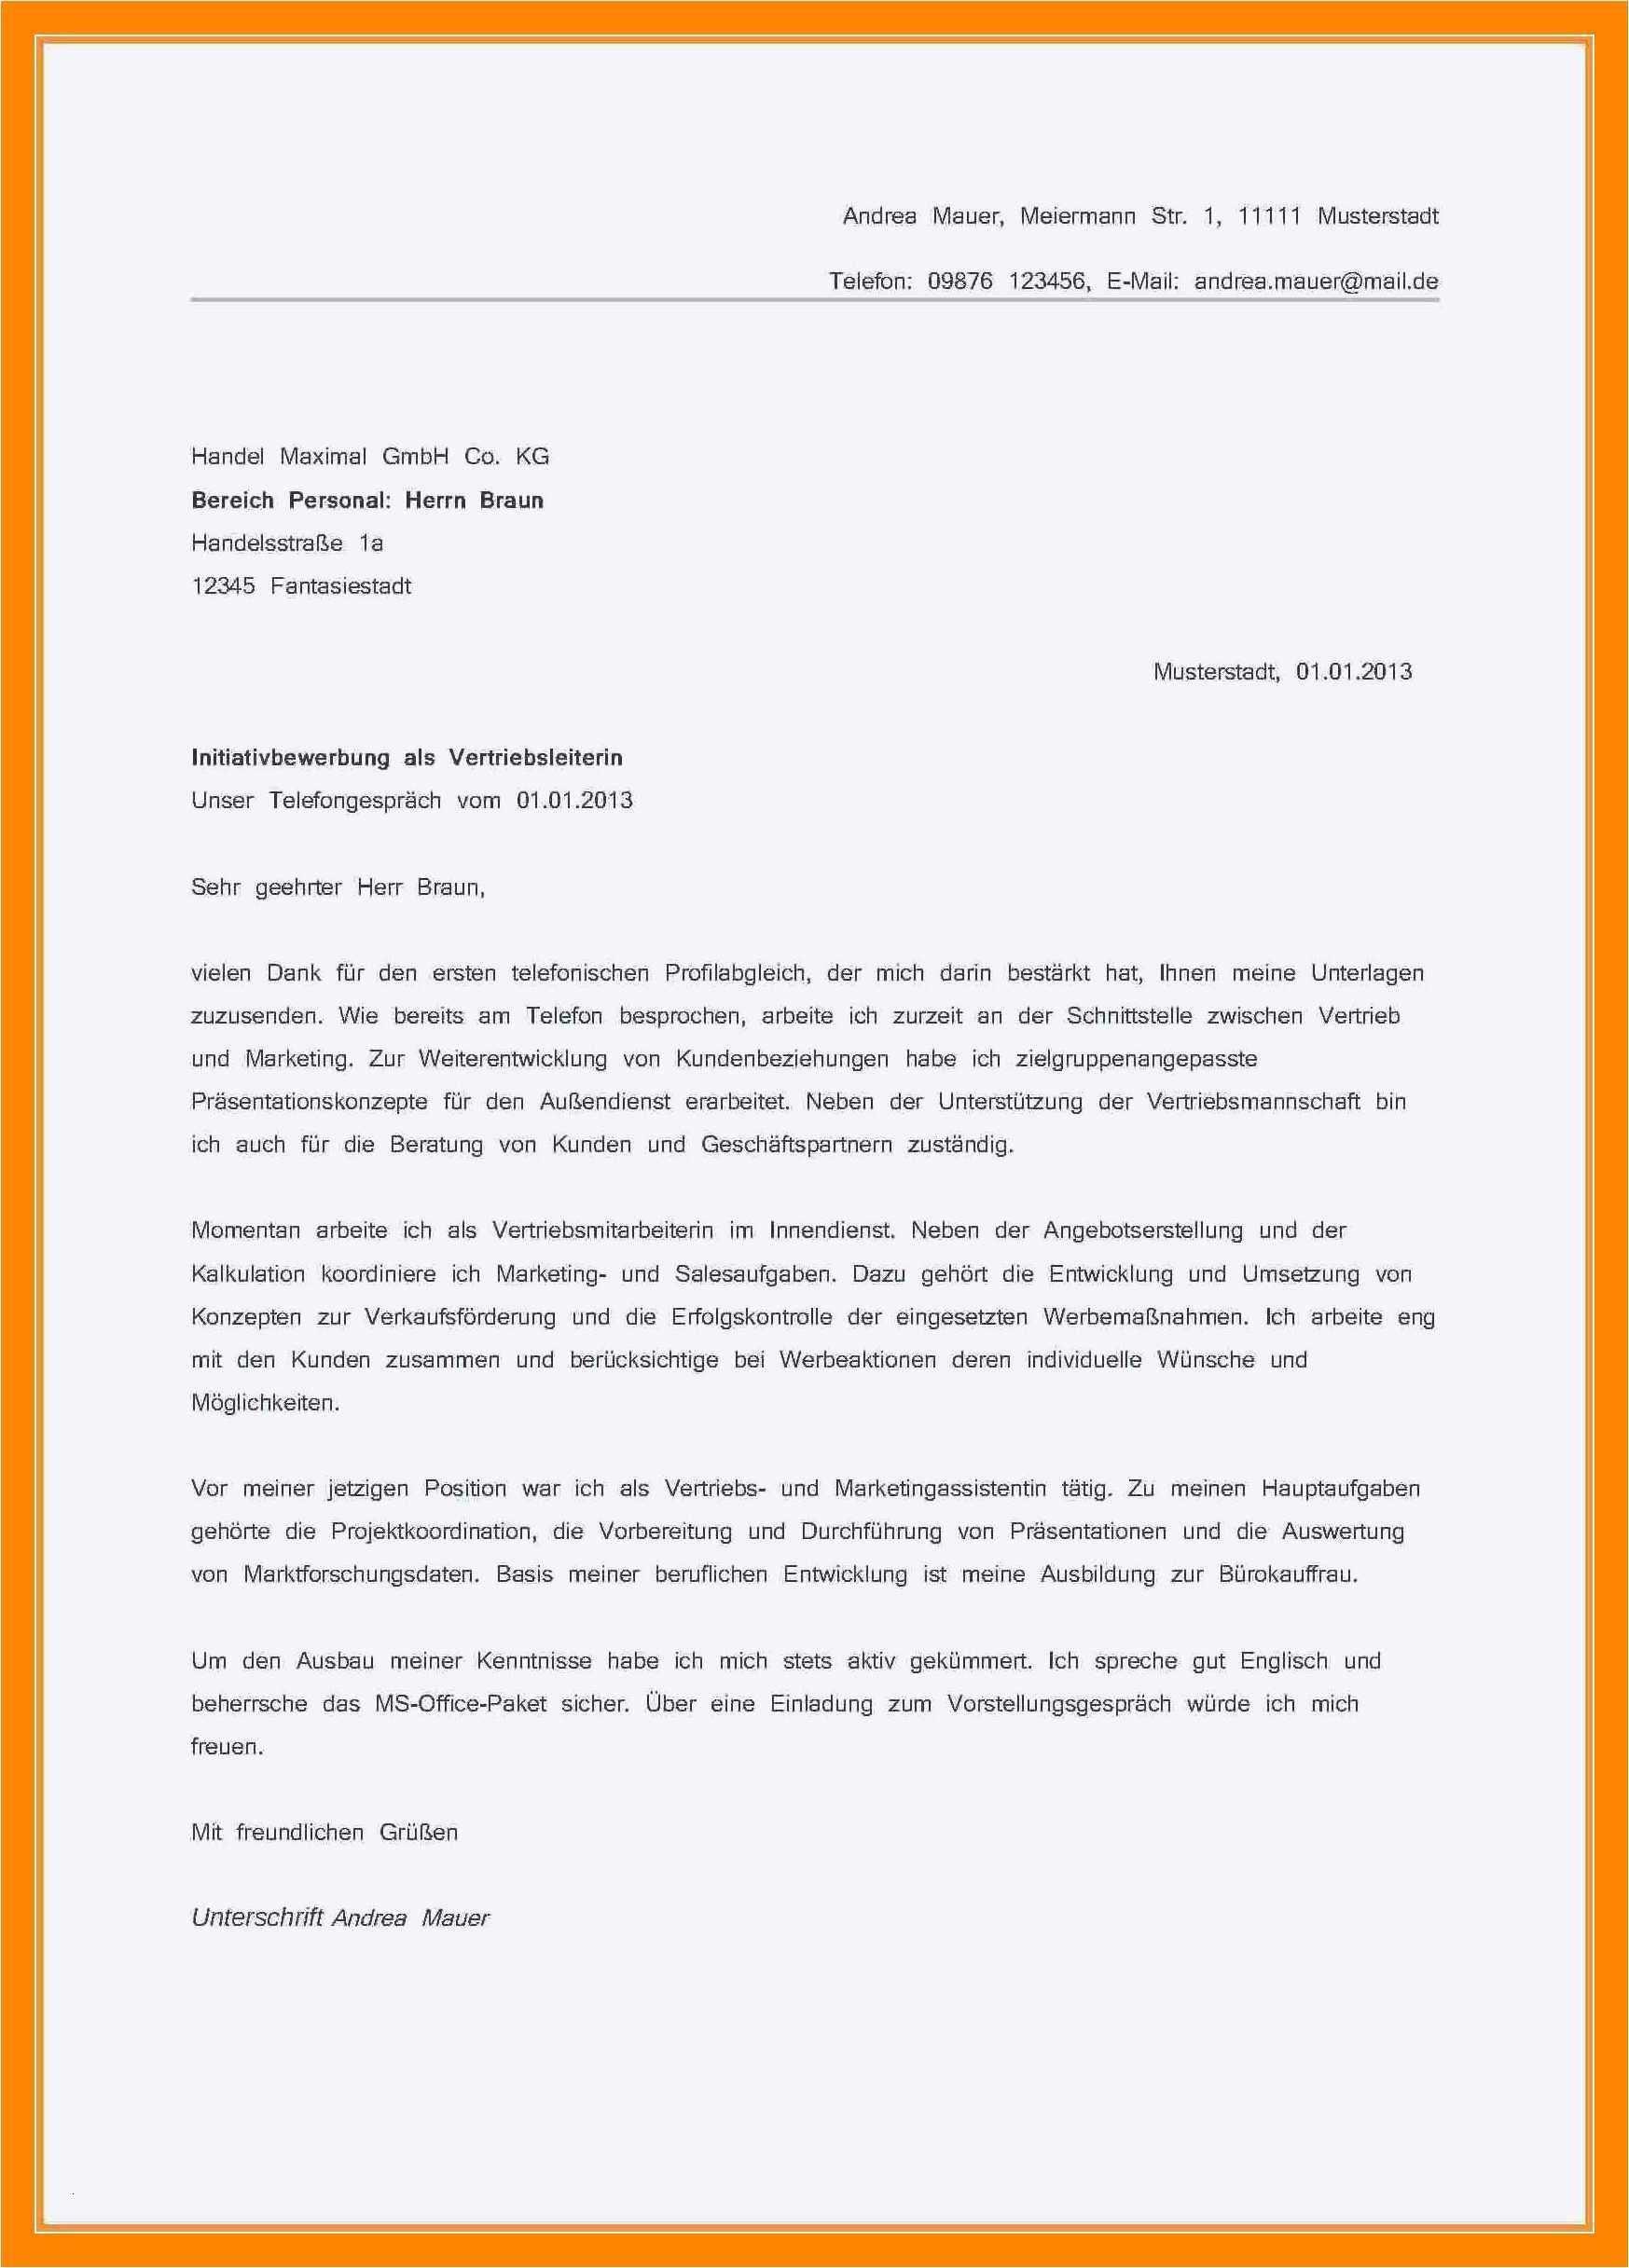 Naturlich Geschaftsbrief Angebot Vorlage Flugblatt Design Geschaftsbrief Vorlagen